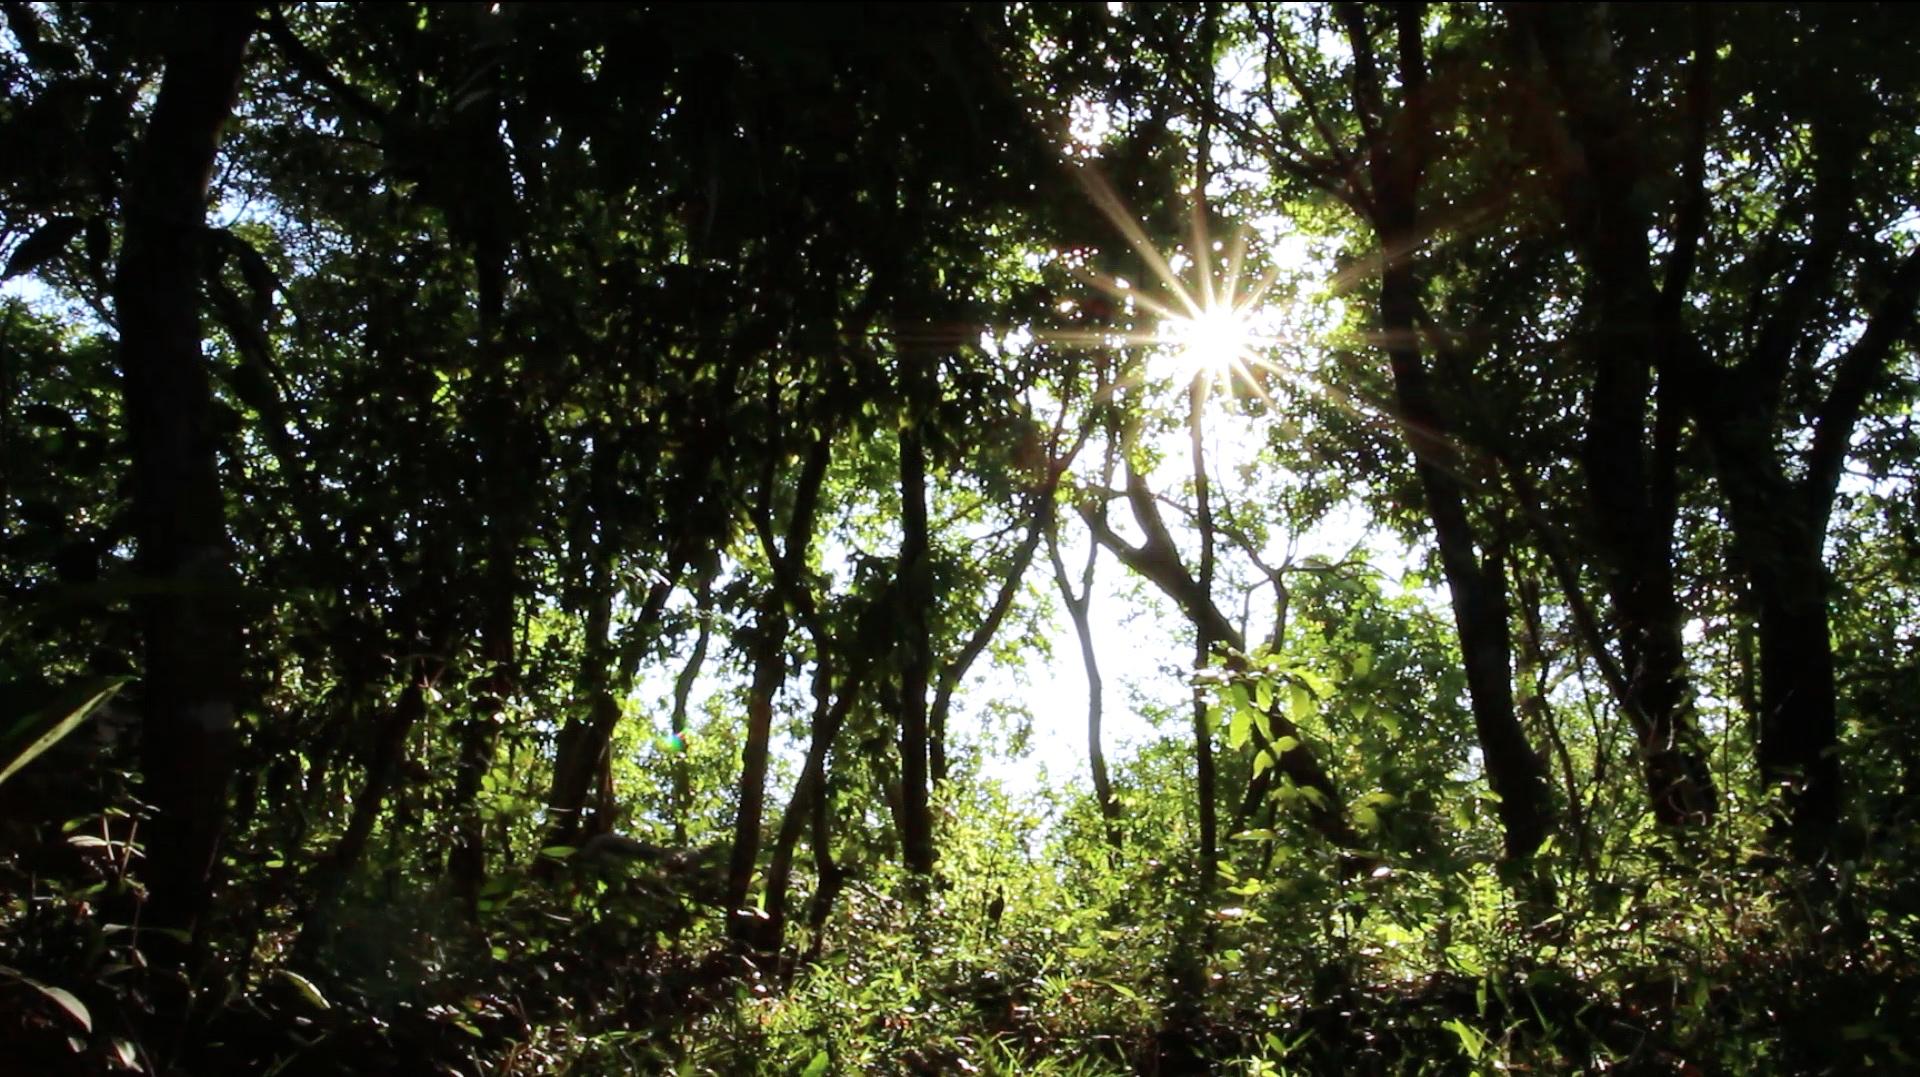 Nuestro medio ambiente natural es indispensable para nuestra subsistencia, y su salud está directamente relacionada con la nuestra.